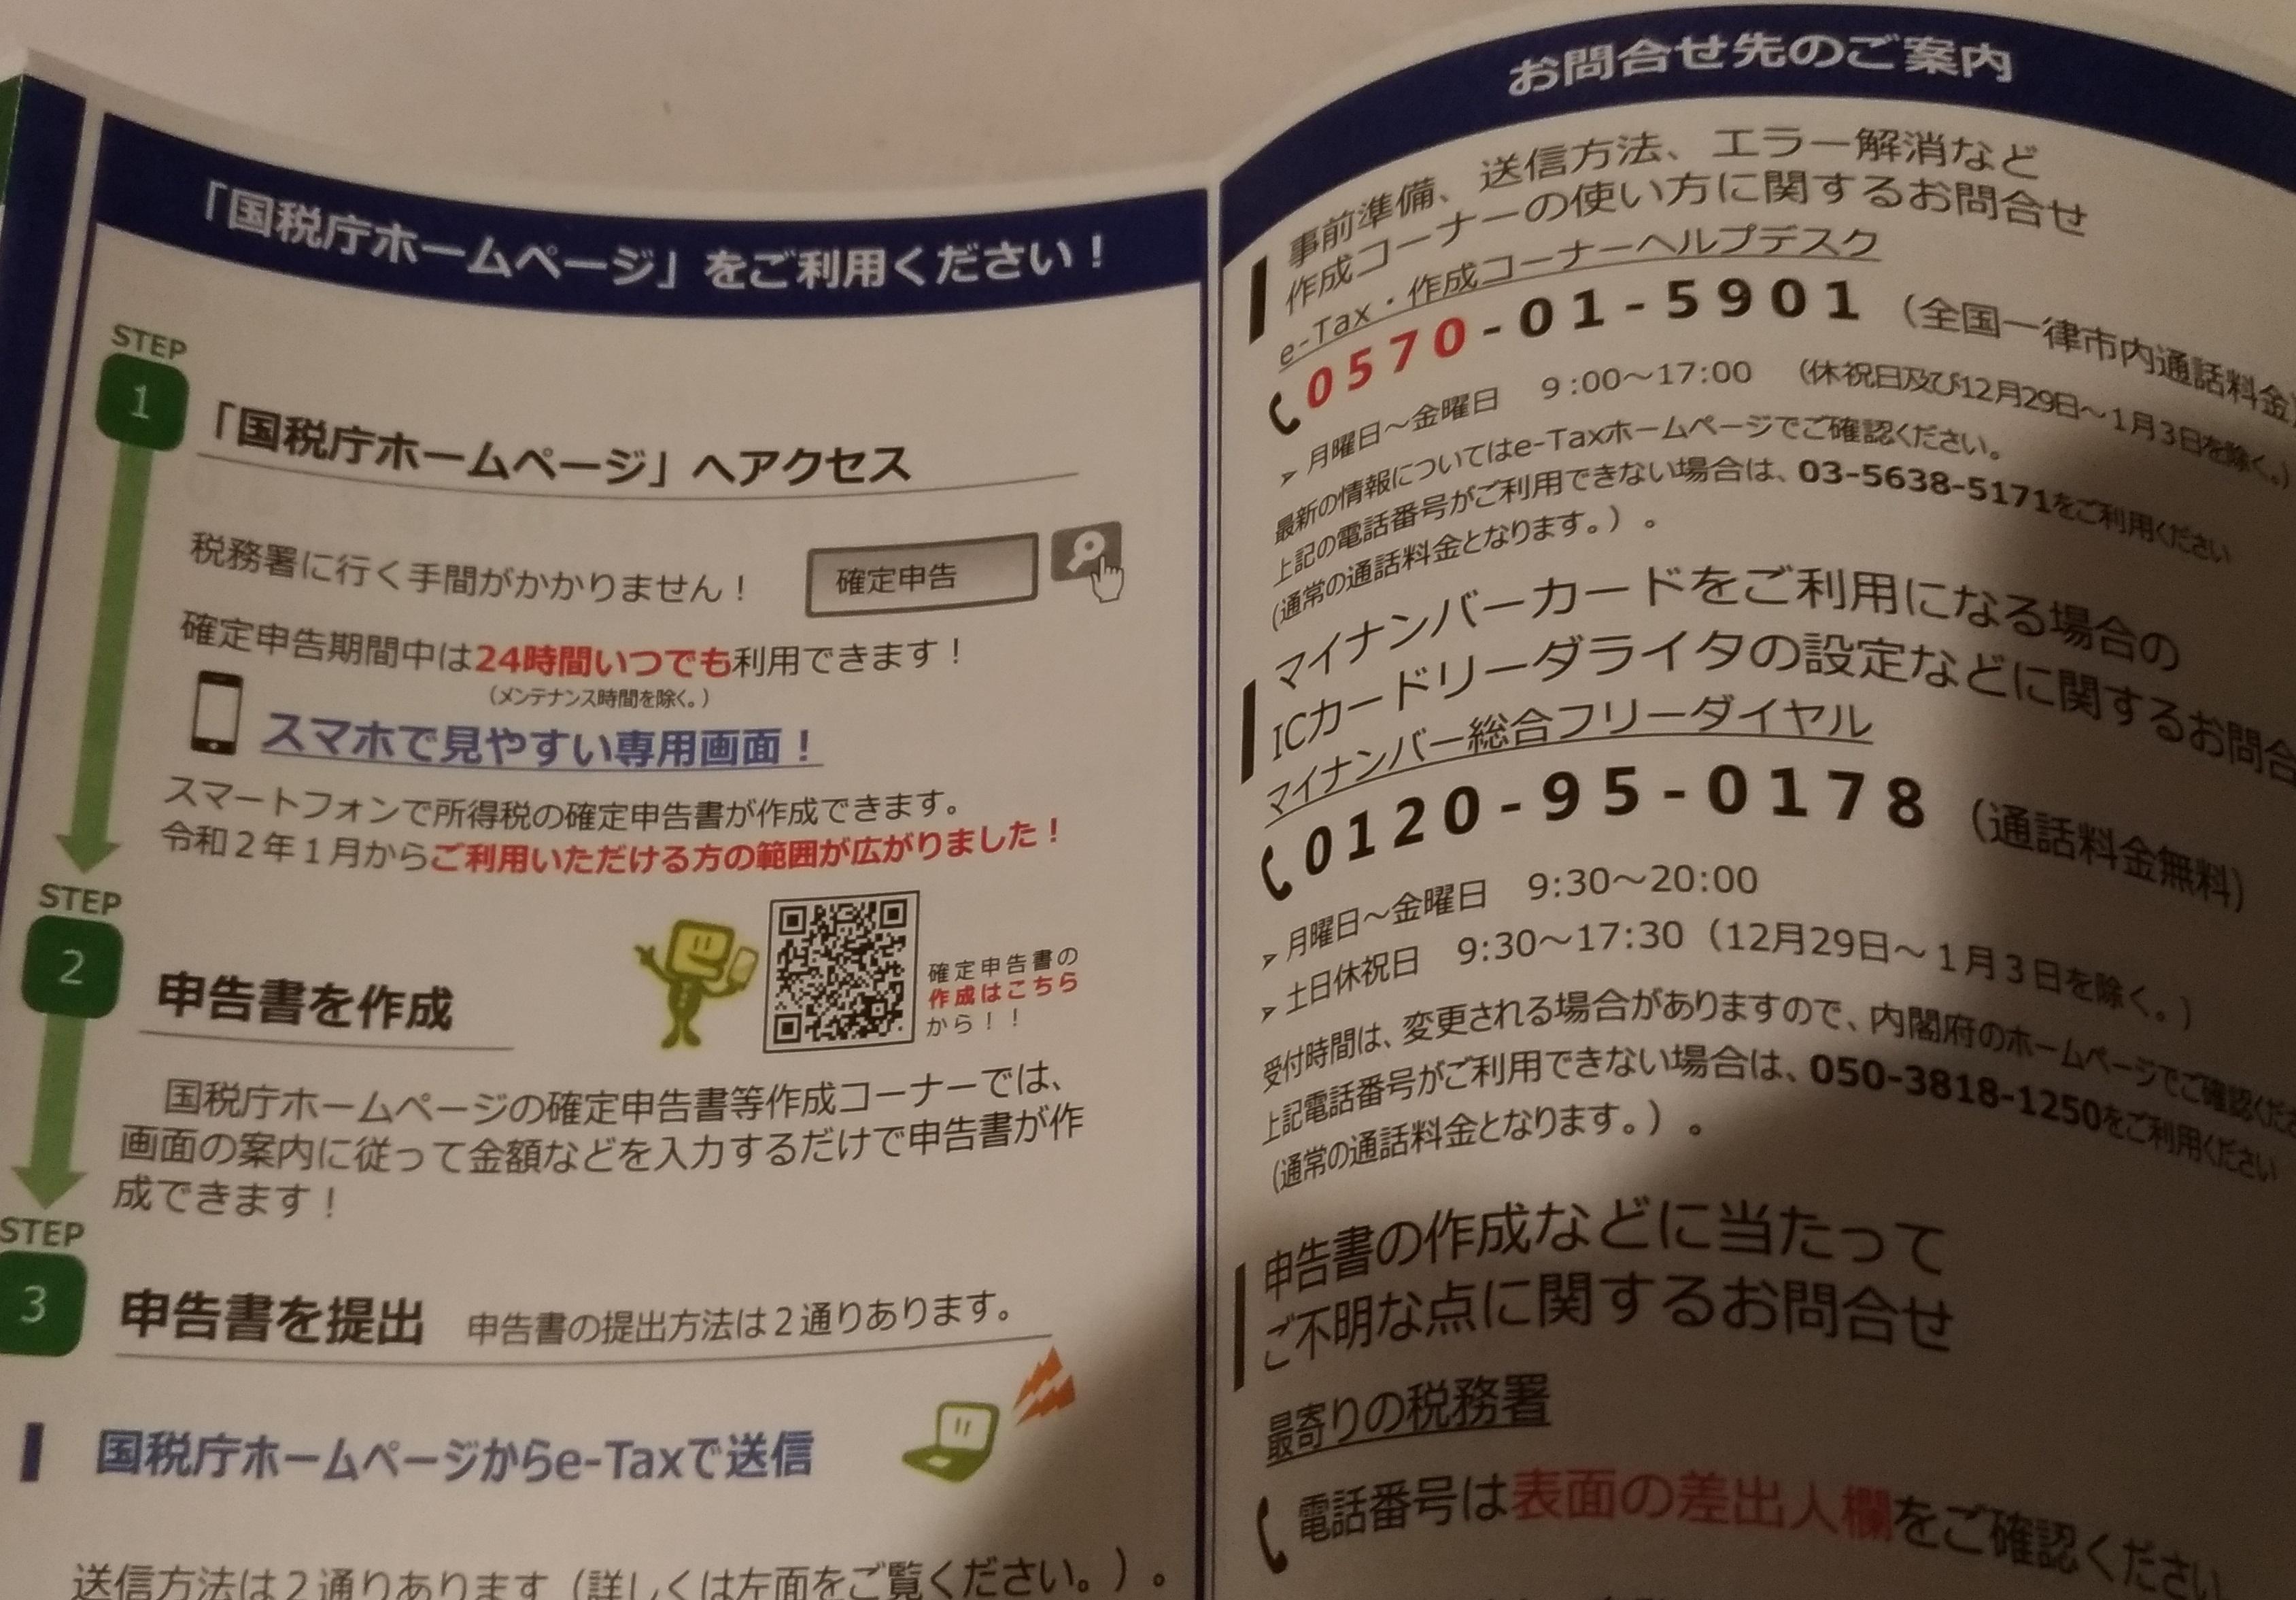 kakutei_shinkoku_2020_new.jpg